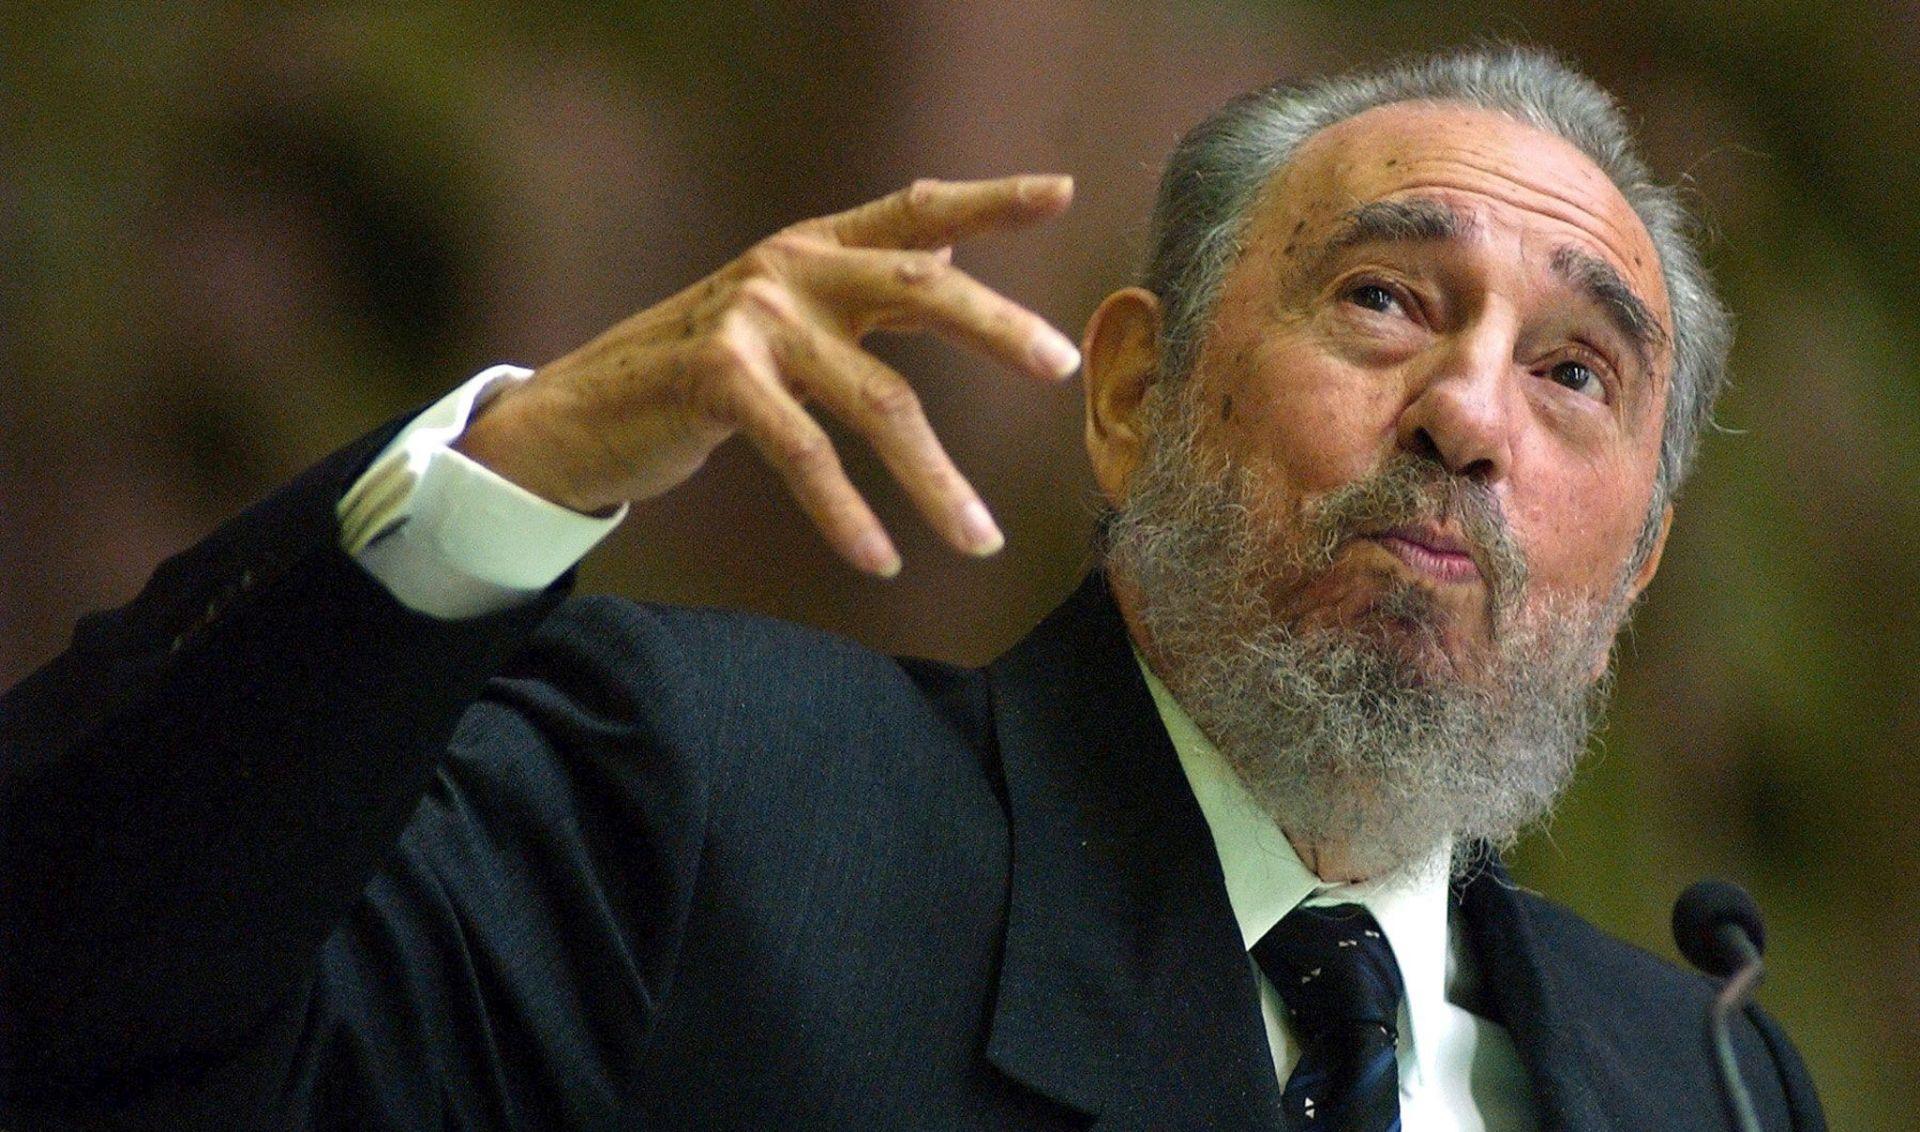 PREMINUO FIDEL CASTRO Komunistička ikona koja je 50 godina prkosila Amerikancima